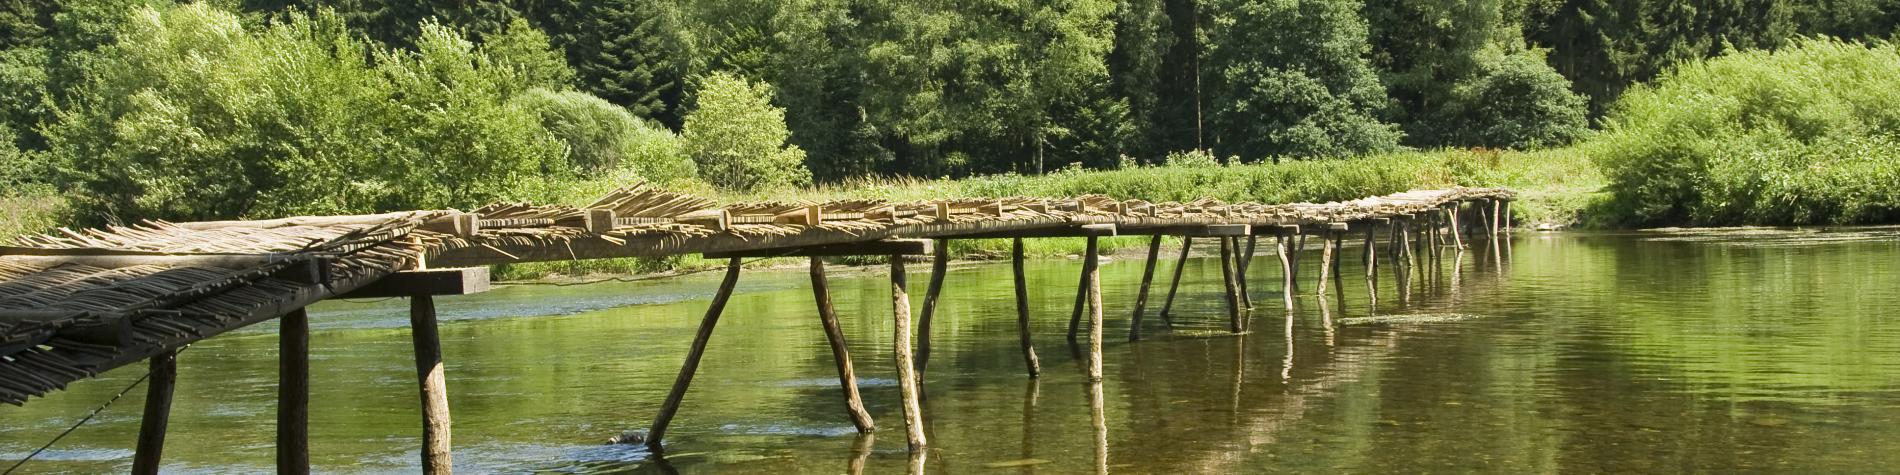 Laforêt - Pont de Claies - passage - eau